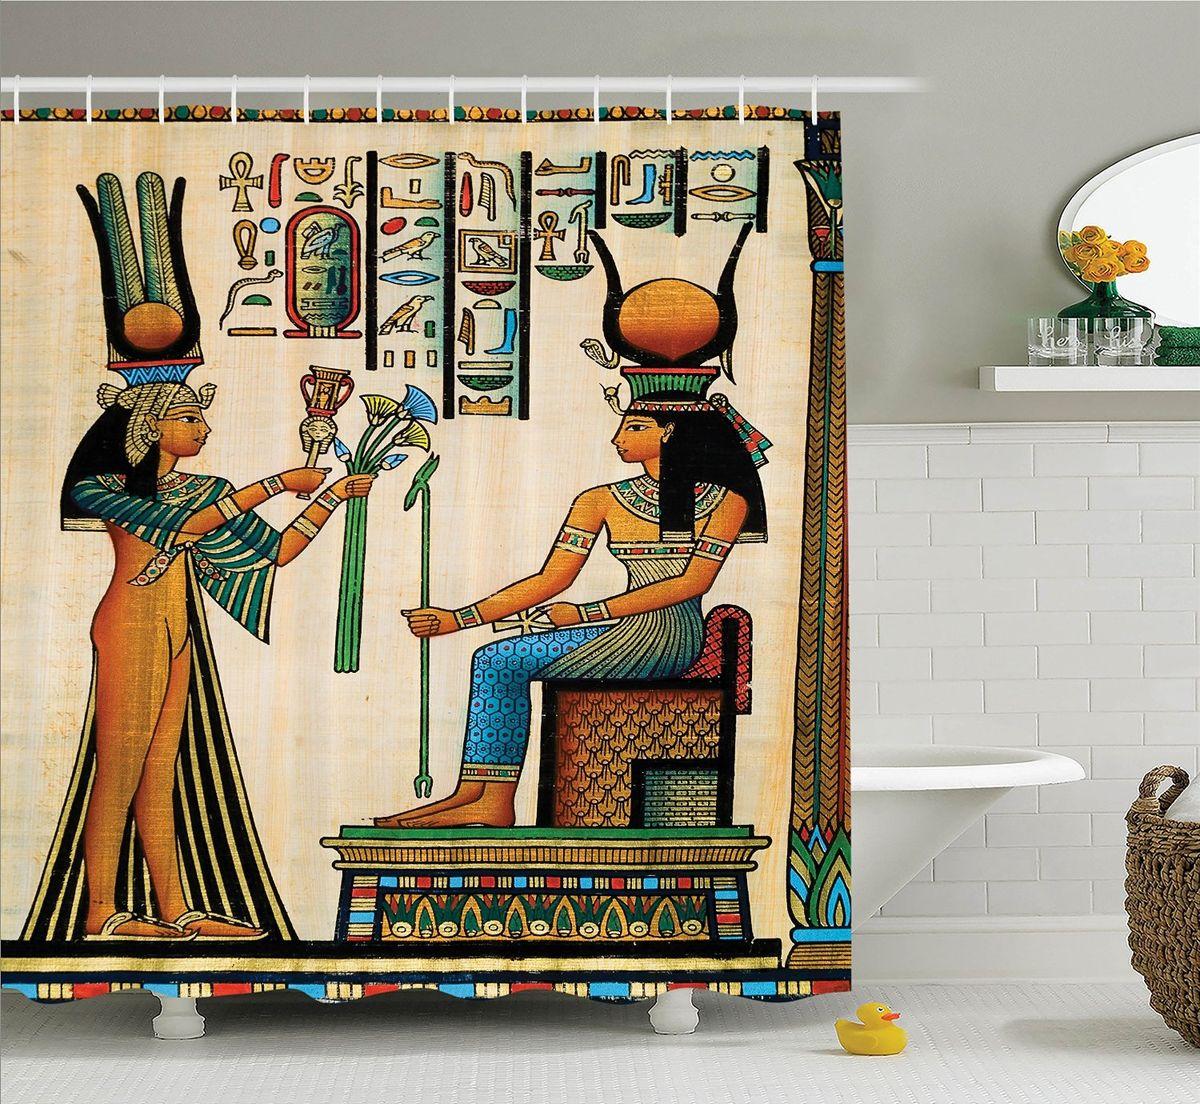 Штора для ванной комнаты Magic Lady Египетский папирус, 180 х 200 см59501Штора Magic Lady Египетский папирус, изготовленная из высококачественного сатена (полиэстер 100%), отлично дополнит любой интерьер ванной комнаты. При изготовлении используются специальные гипоаллергенные чернила для прямой печати по ткани, безопасные для человека.В комплекте: 1 штора, 12 крючков. Обращаем ваше внимание, фактический цвет изделия может незначительно отличаться от представленного на фото.